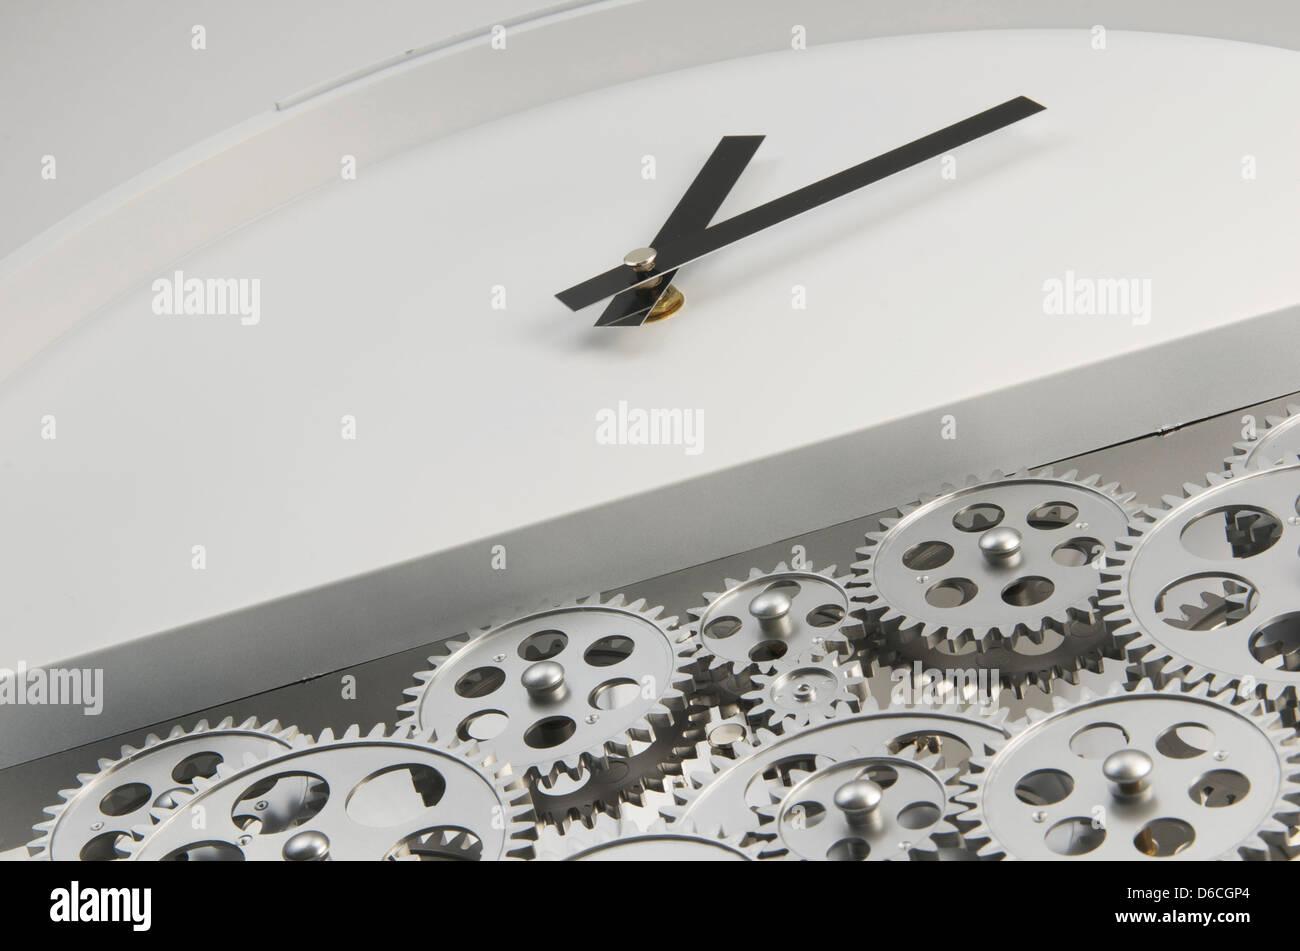 Schräge Schuss eines weißen konfrontiert Uhr mit schwarzen Händen und Zahnräder in der unteren Stockbild